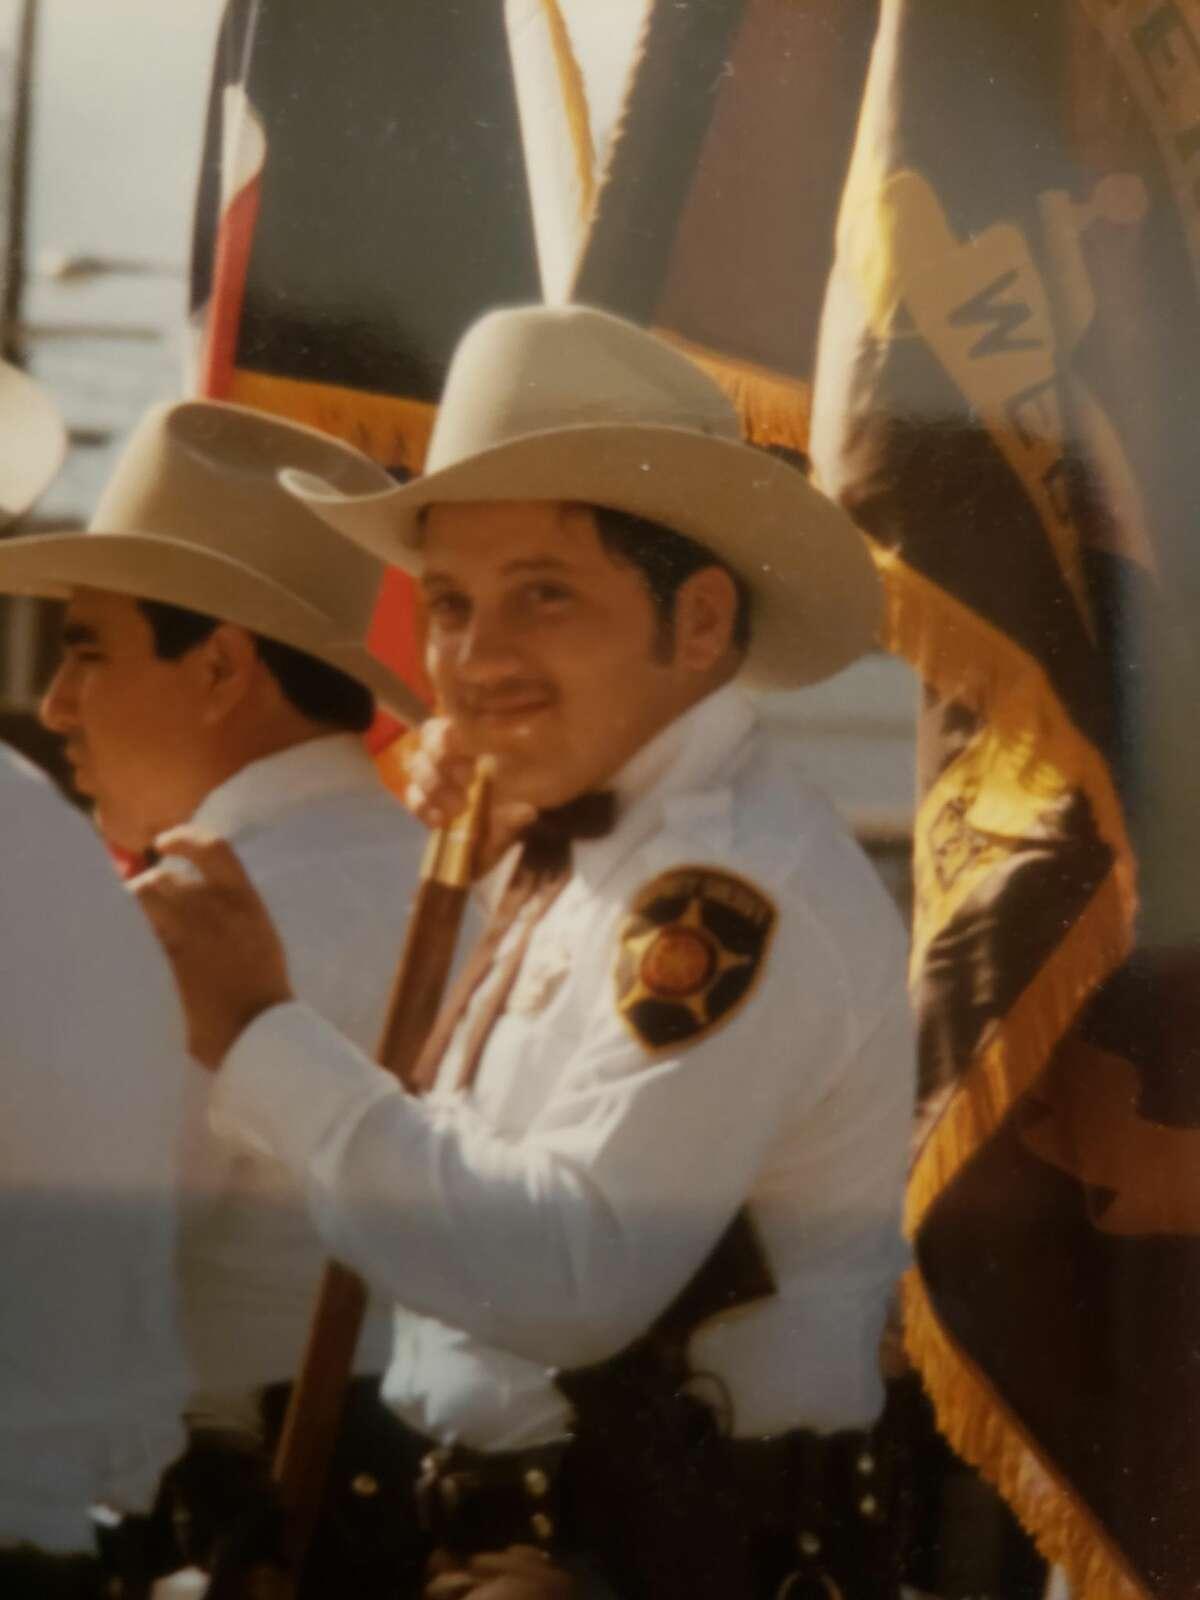 Roel Genaro Gonzalez